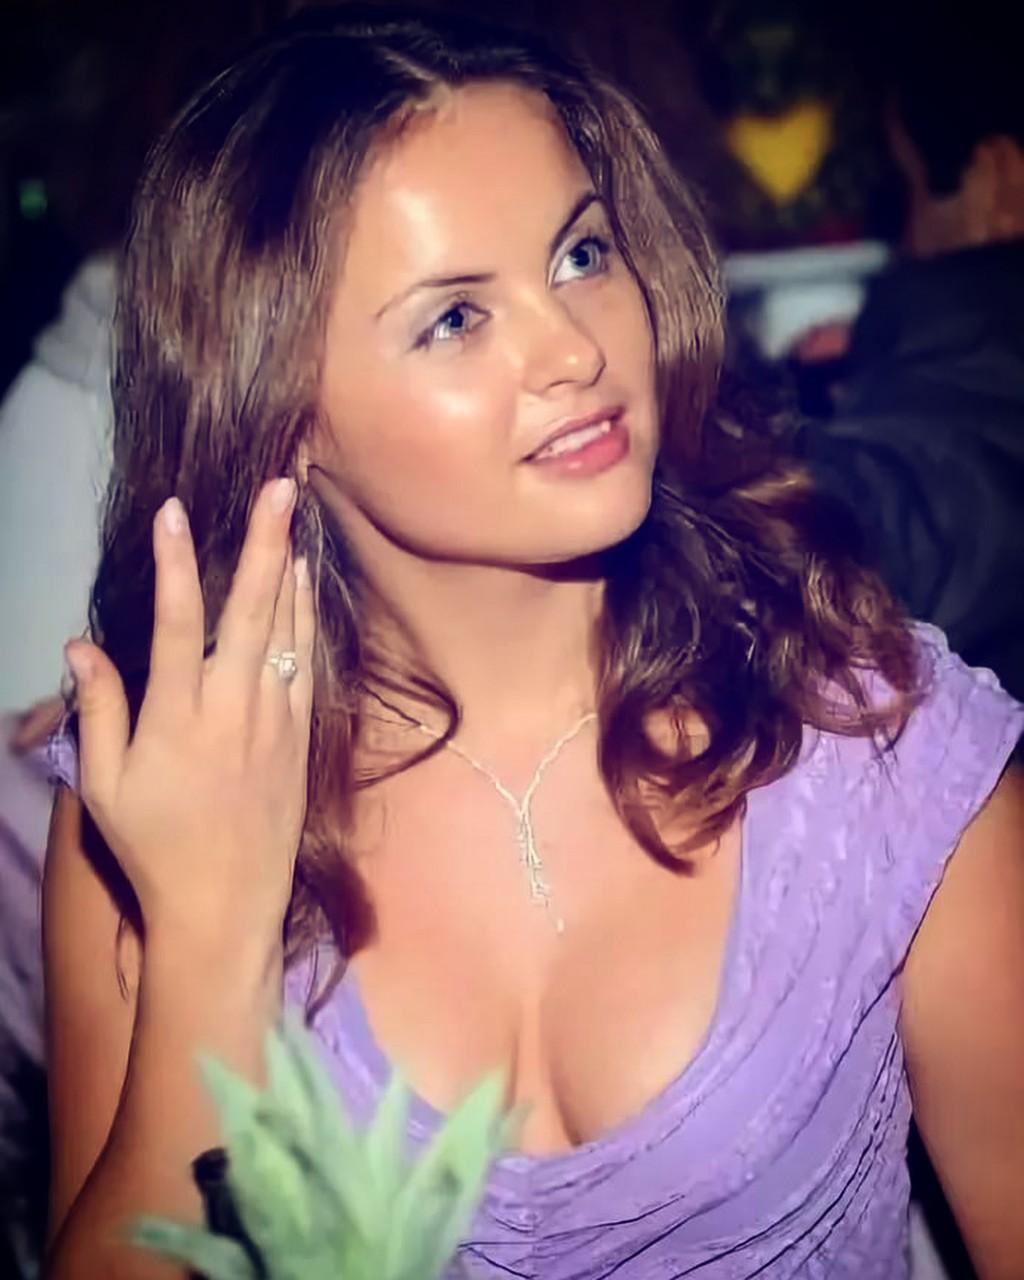 Проскурякова рассказала, что ей мешает одеваться модно и со вкусом